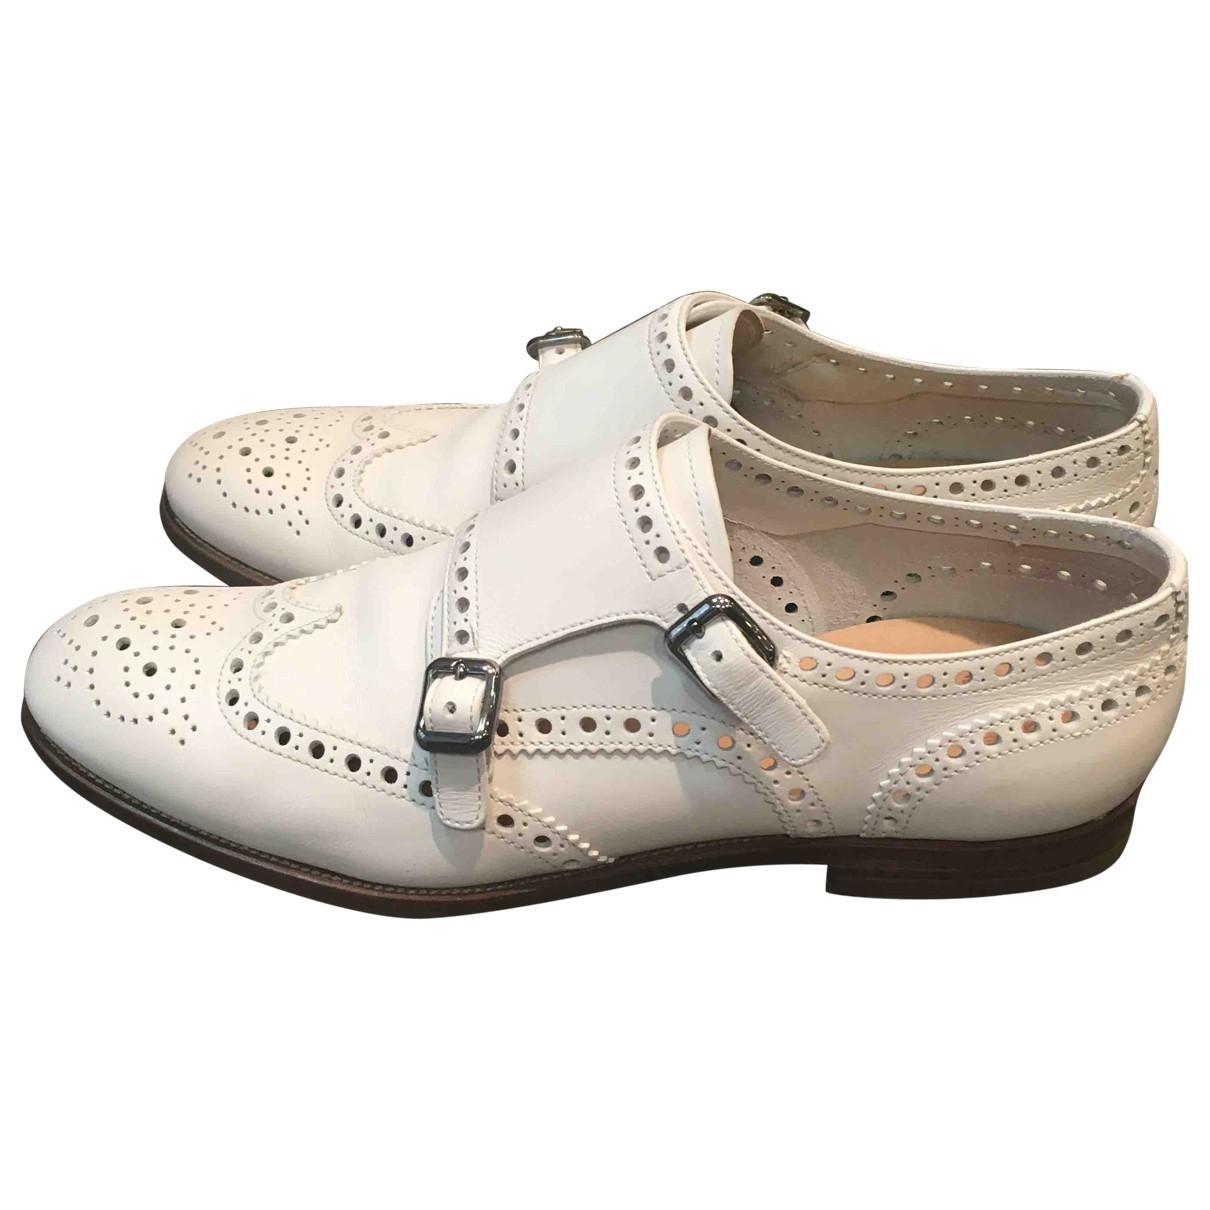 Churchs - Derbies   pour femme en cuir - blanc